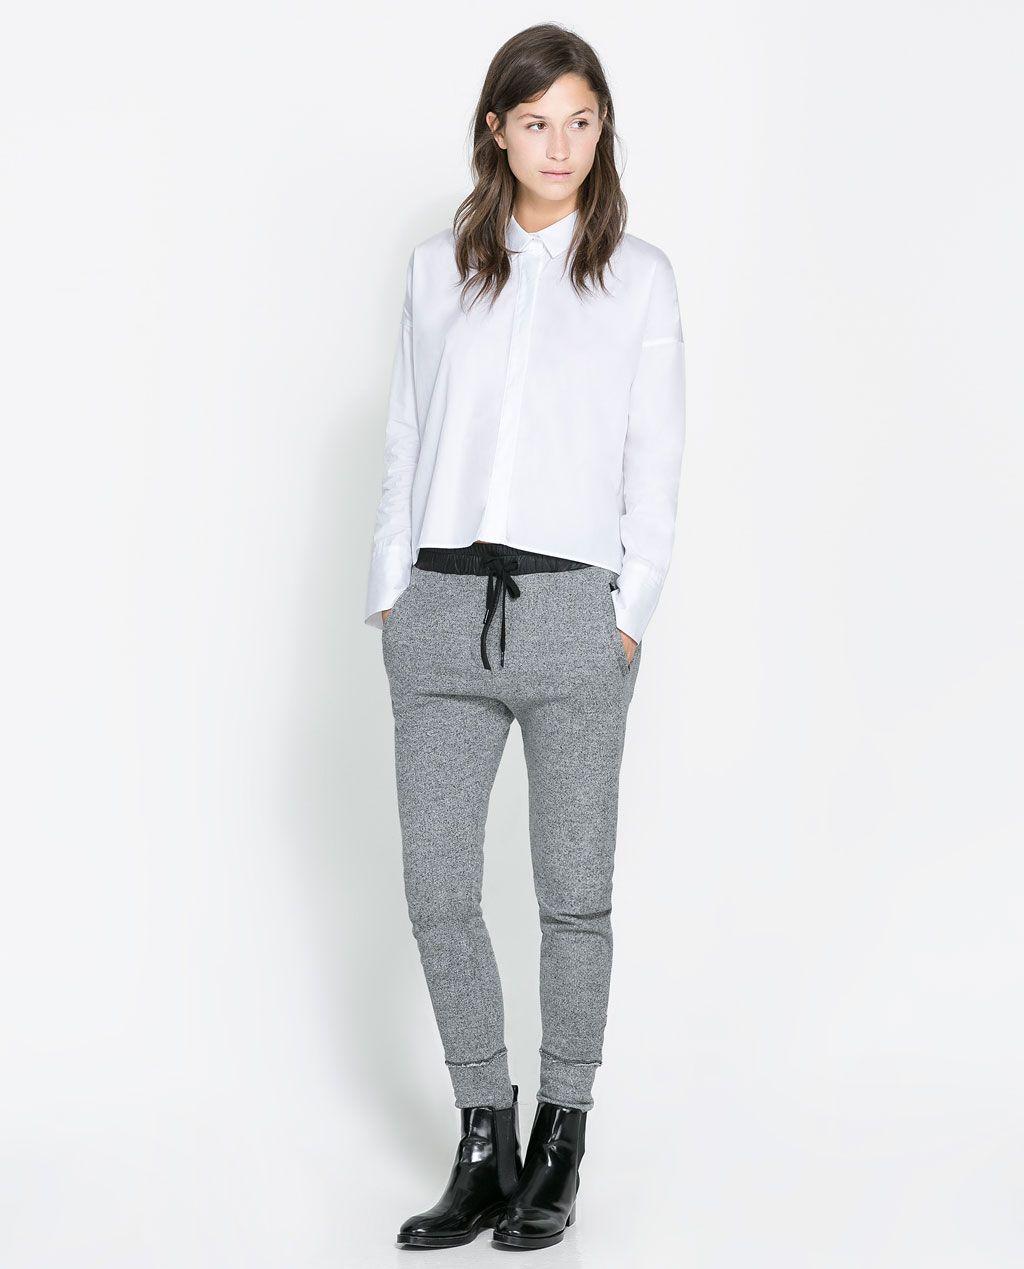 zapatillas de skate siempre popular comprar online Pin de Marta en Tenidas pantalon gris | Pantalones de ...